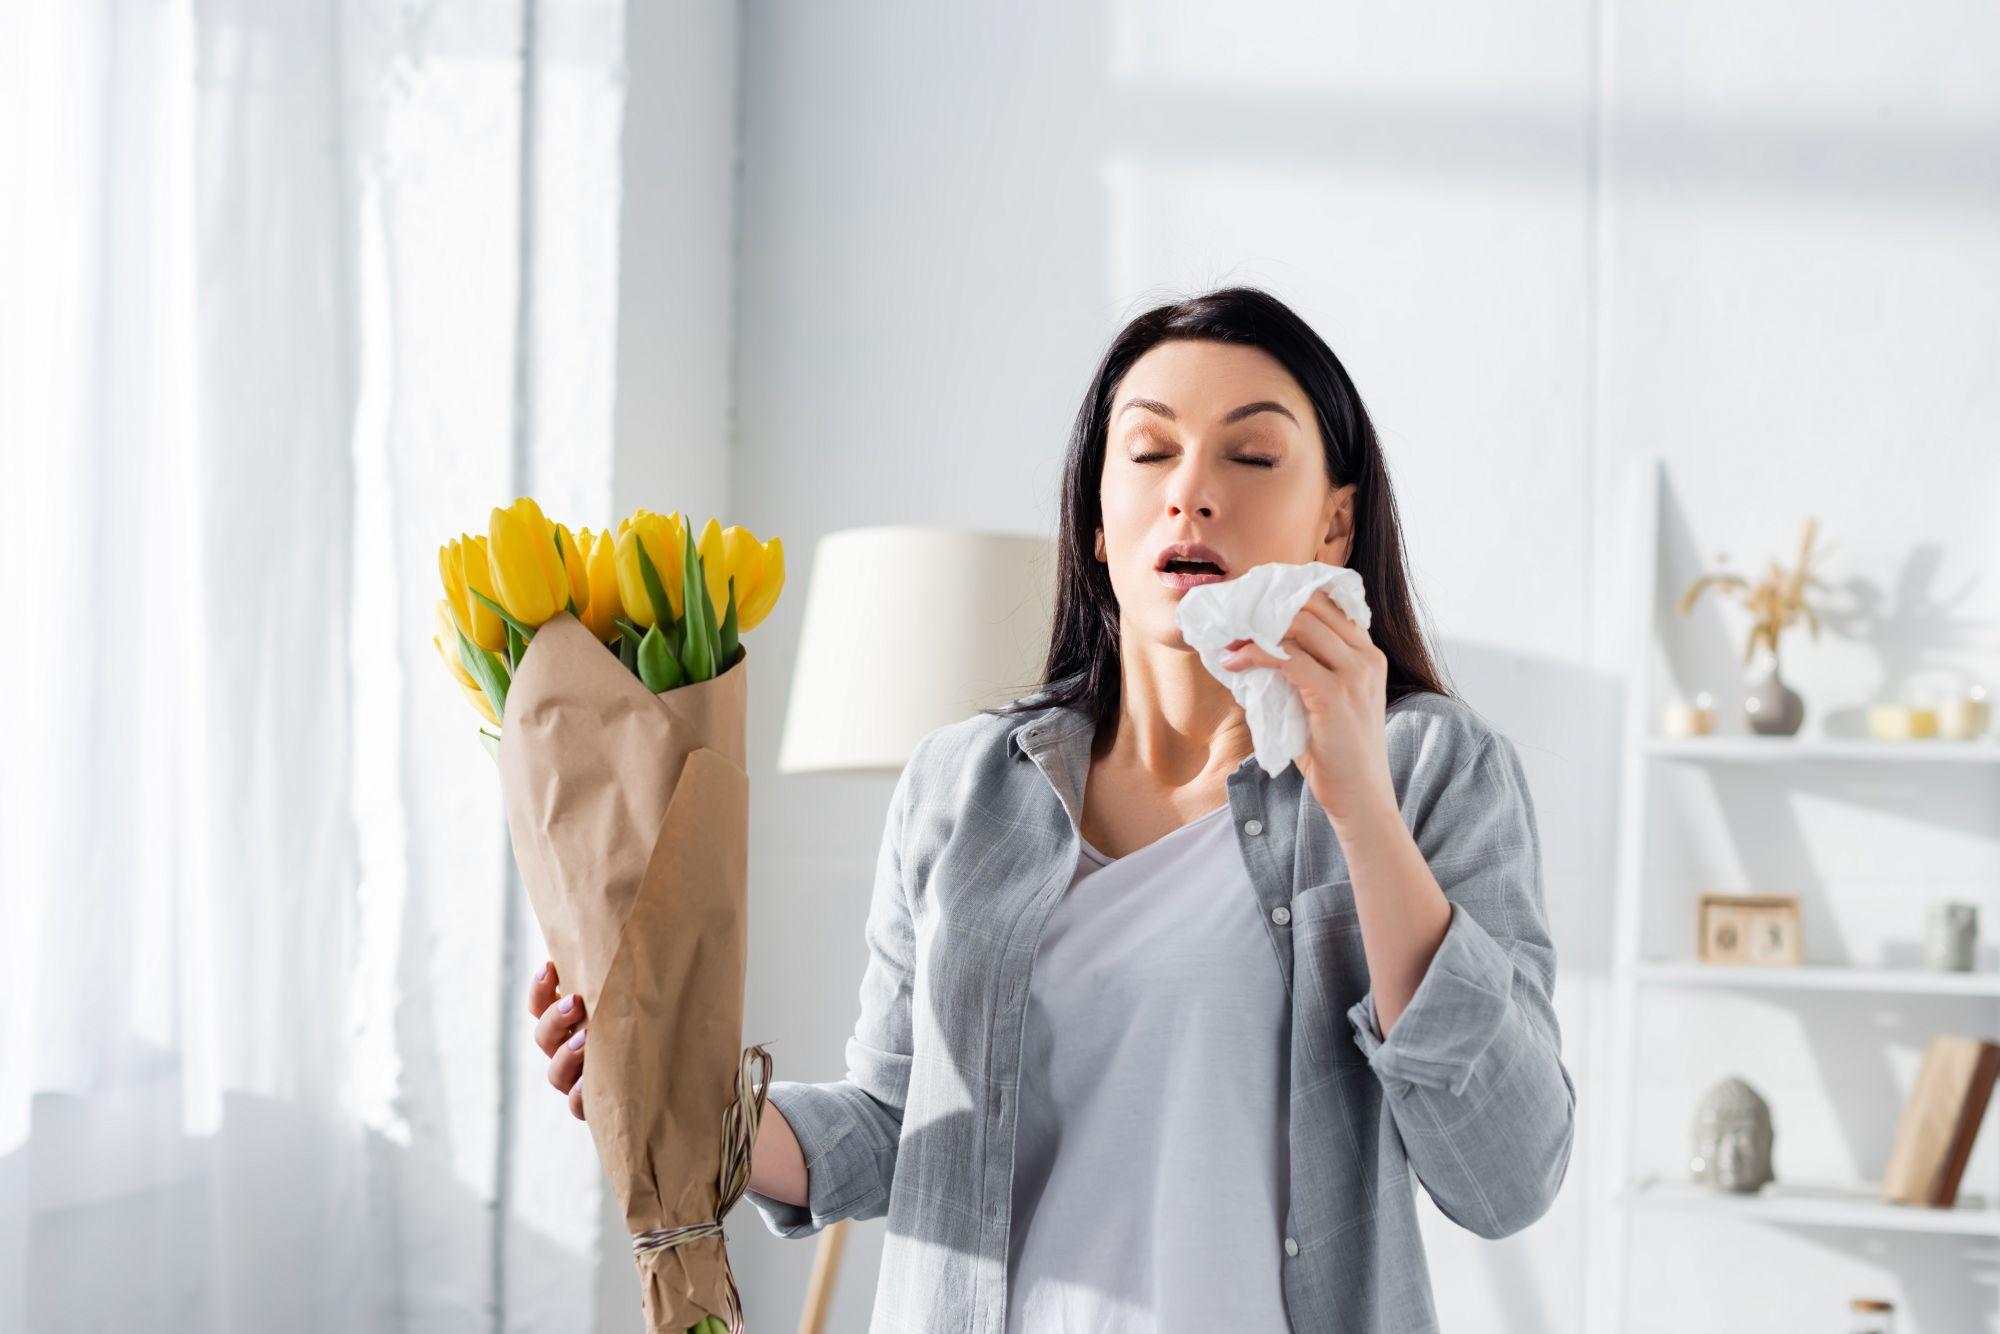 Nainen aivastaa kukkien tuoksusta